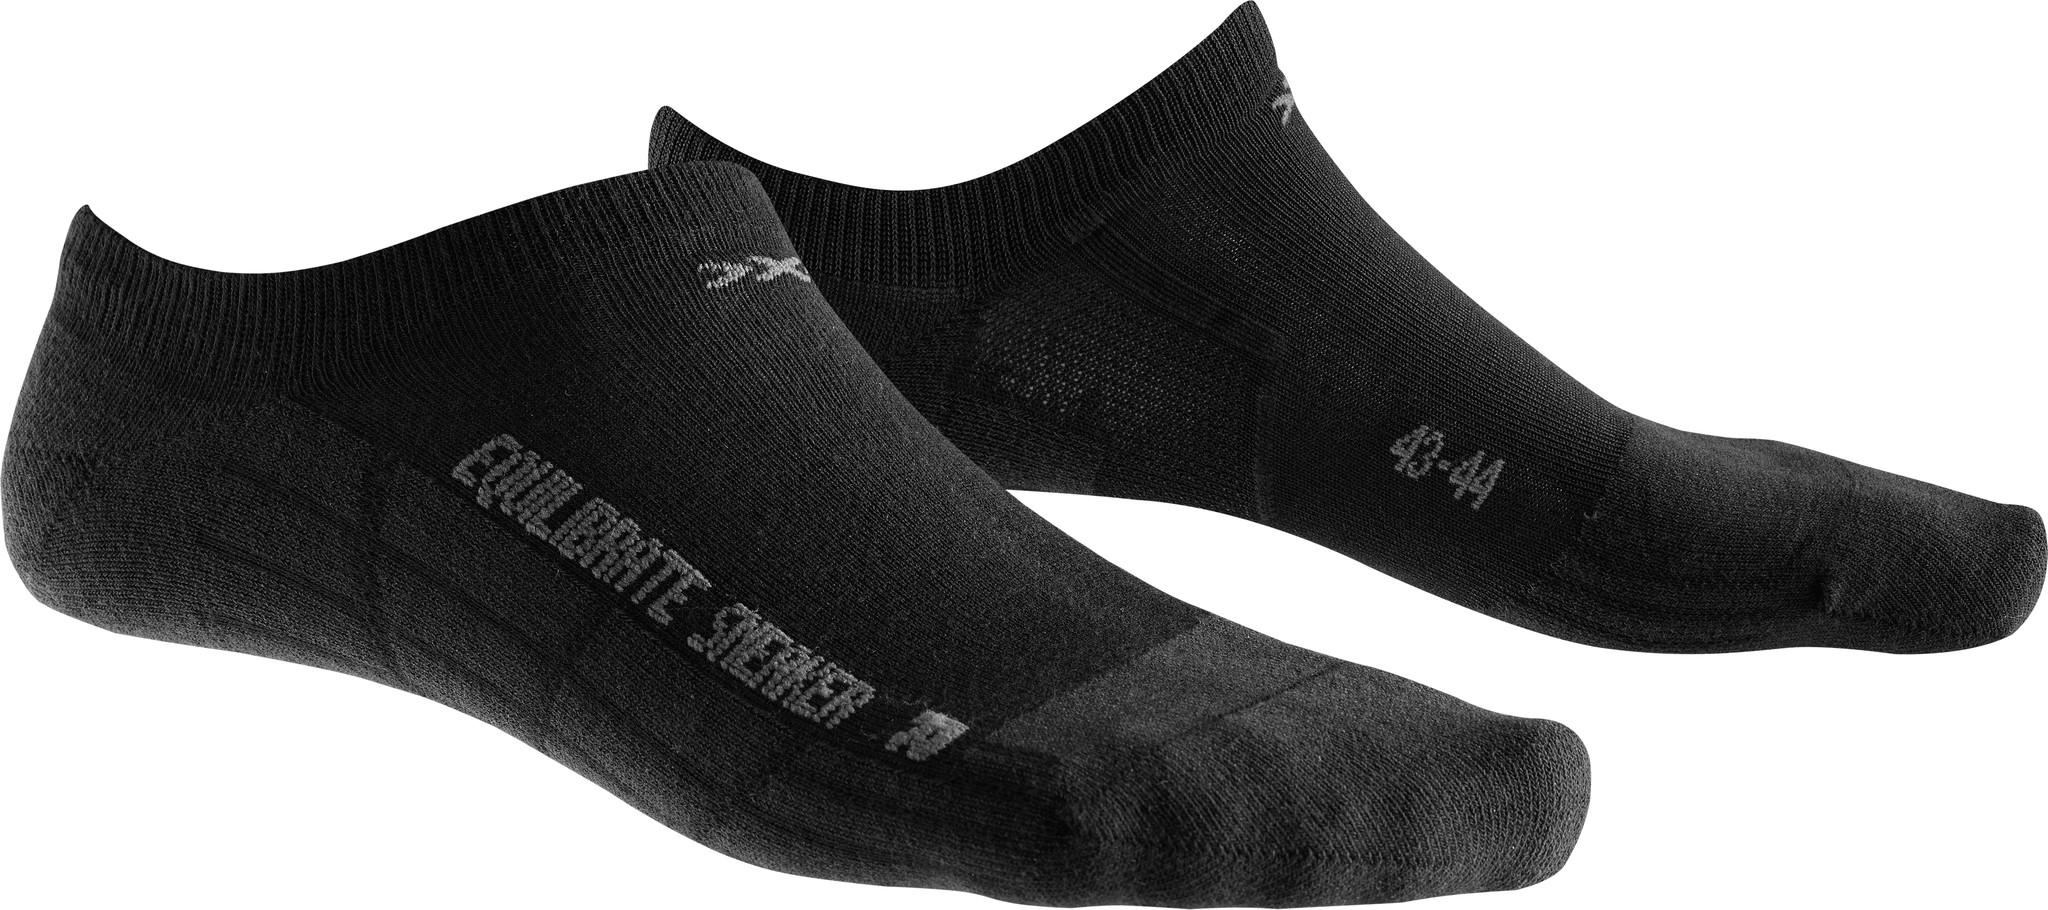 X-SOCKS Socken, Strümpfe Sneaker Equilibrate Schwarz unisex von Gr. 39 - 46 S17-XS1